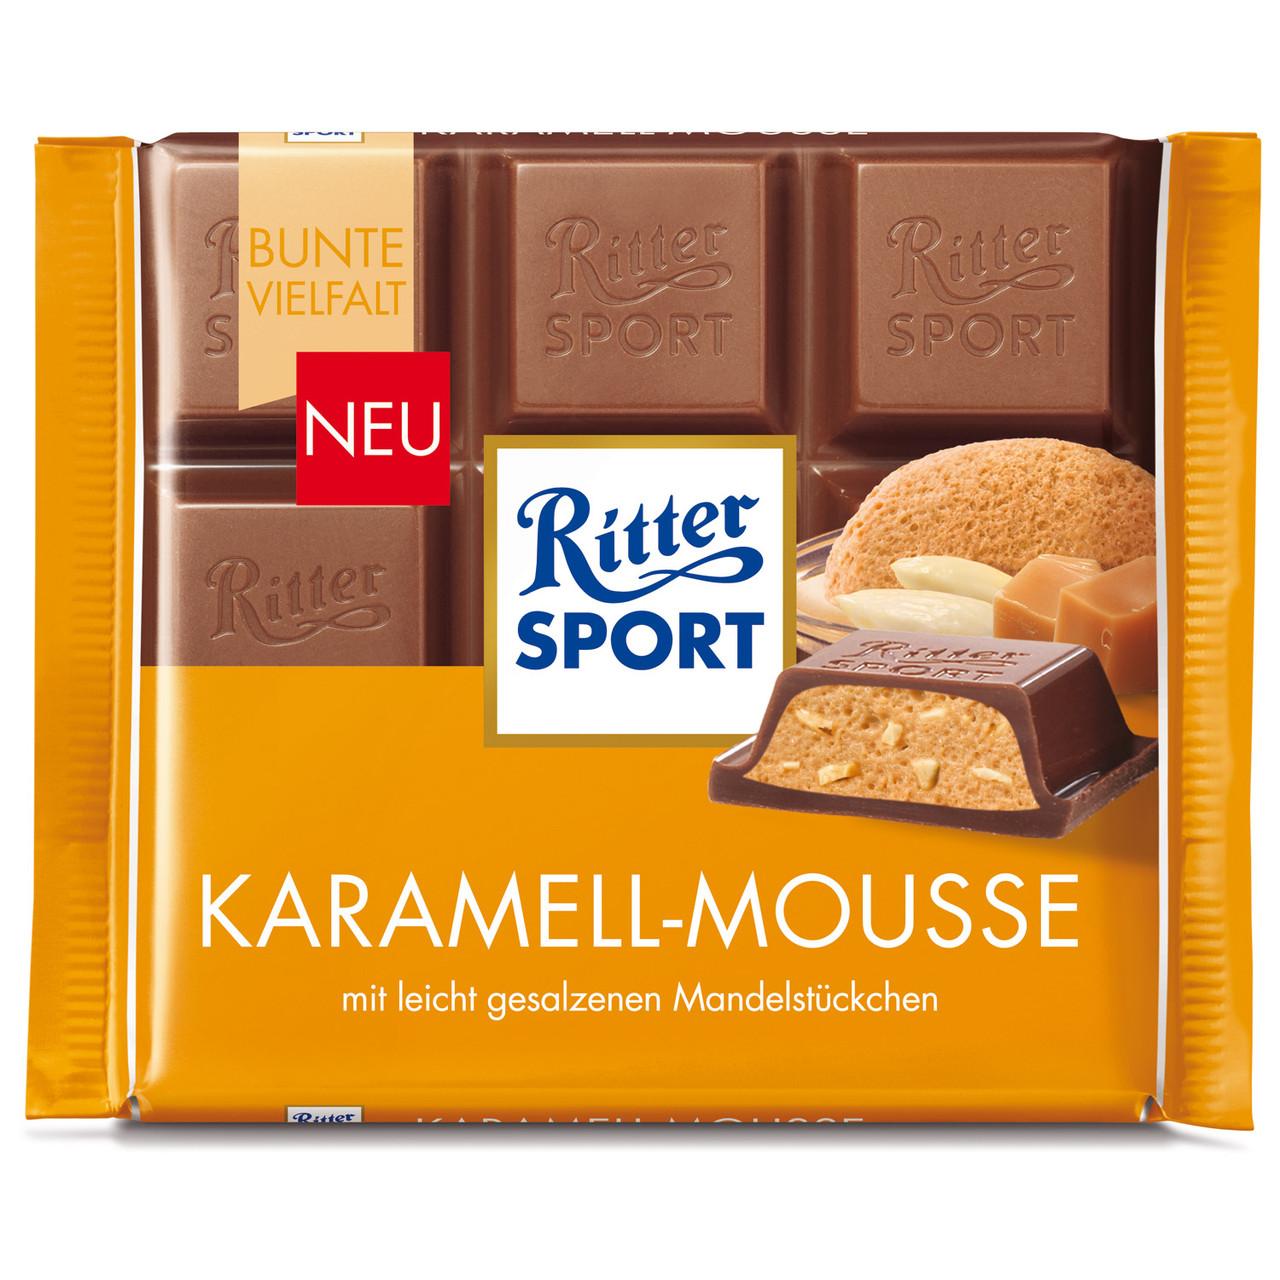 Шоколад Ritter Sport Karamell-Mousse Карамельный мусс 100г (1уп/11шт)